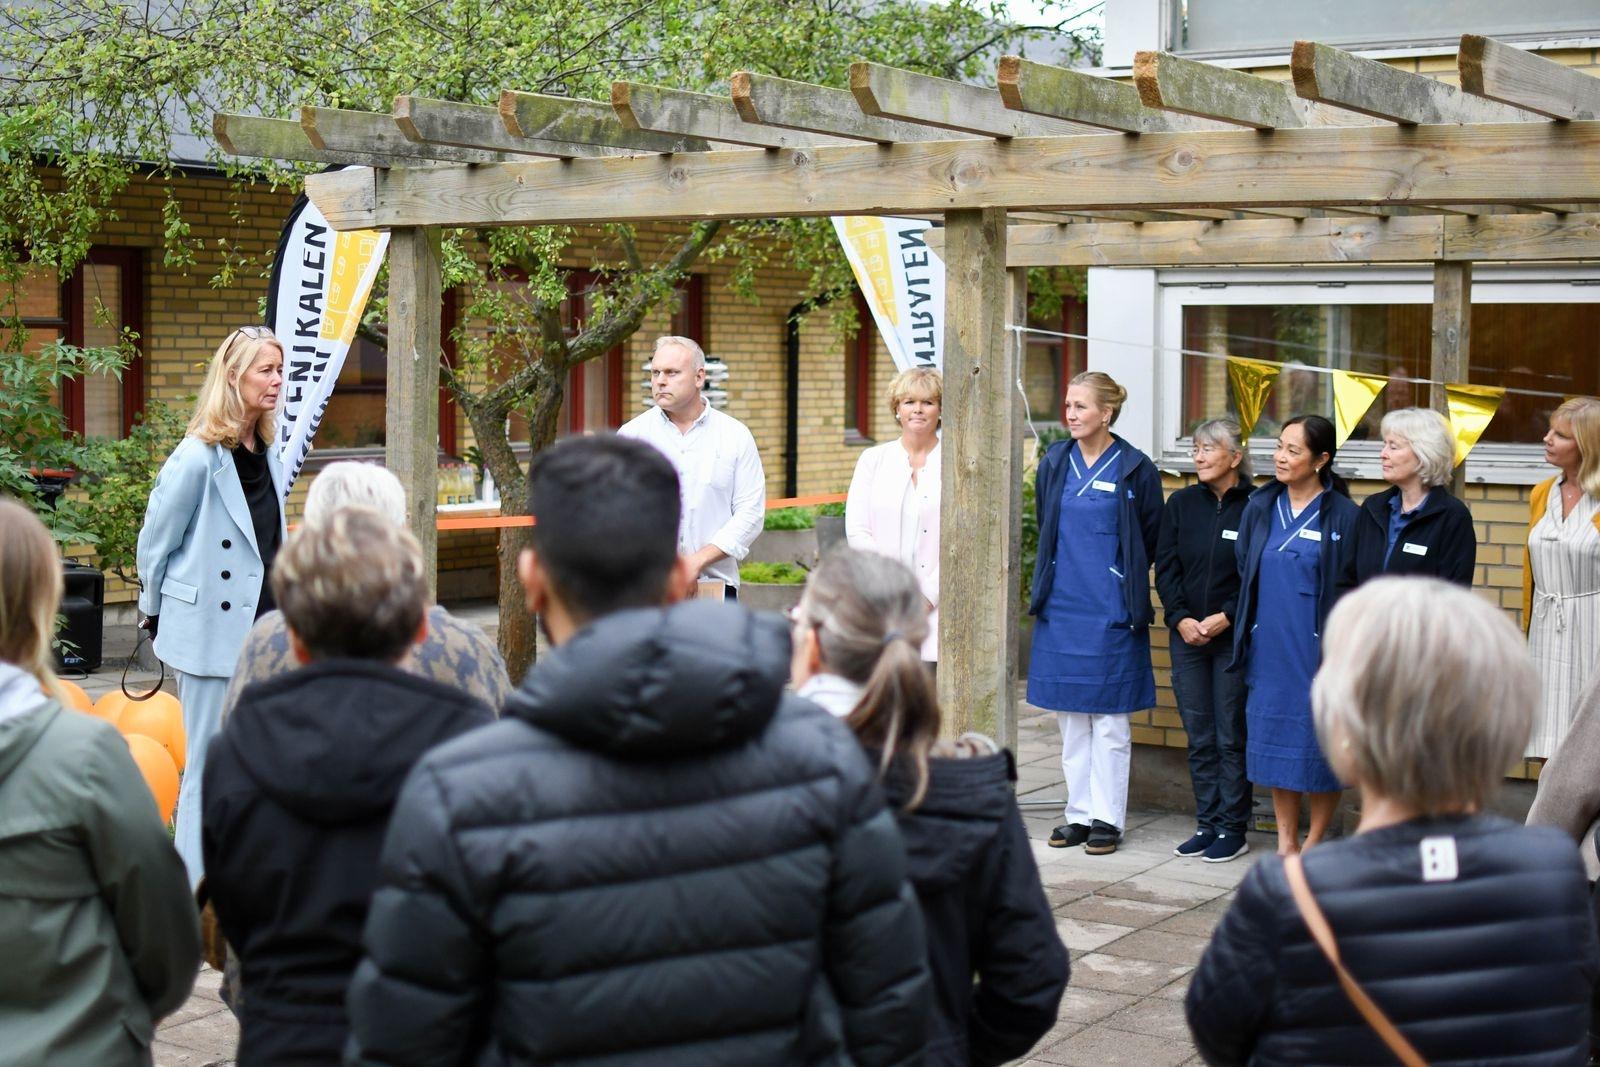 Britta Wallgren, Capios Sverigechef (bilden) invigningstalade tillsammans med Jan Rejdnell, barn och utbildningsnämnden samt Maria Linde Strömberg, socialnämnden.